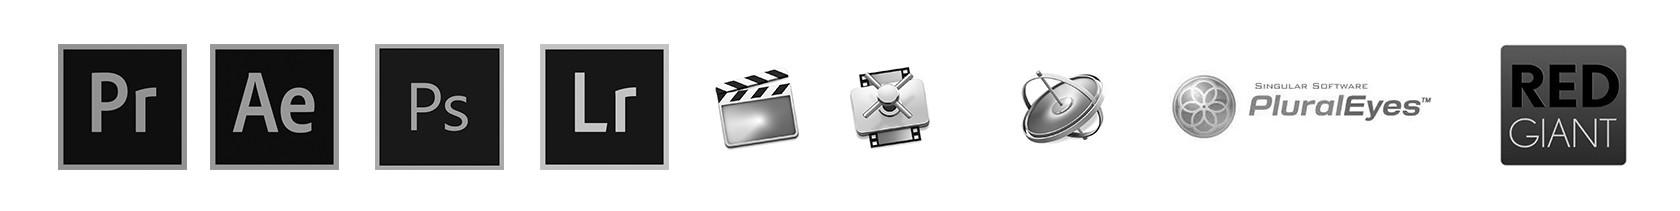 Productie video - Filmare / fotografiere evenimente corporate, deschidere firma, interviuri comunicate presa, vernisaje, expozitii, lansare carte, intalniri cocktailuri, concerte,